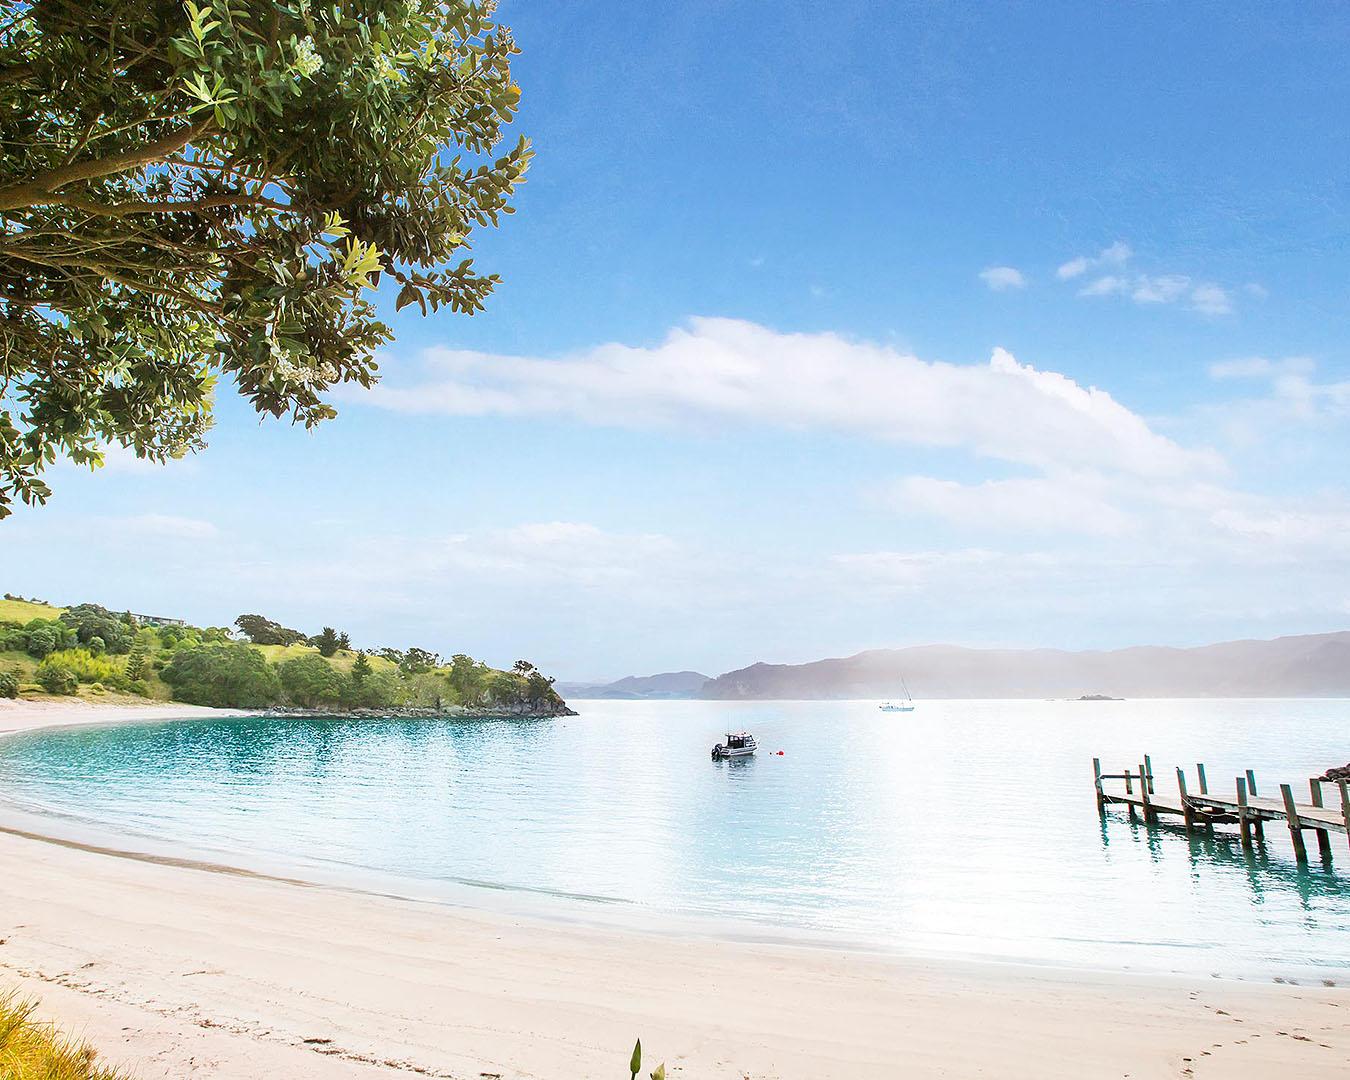 The gorgeous beach at Slipper Island